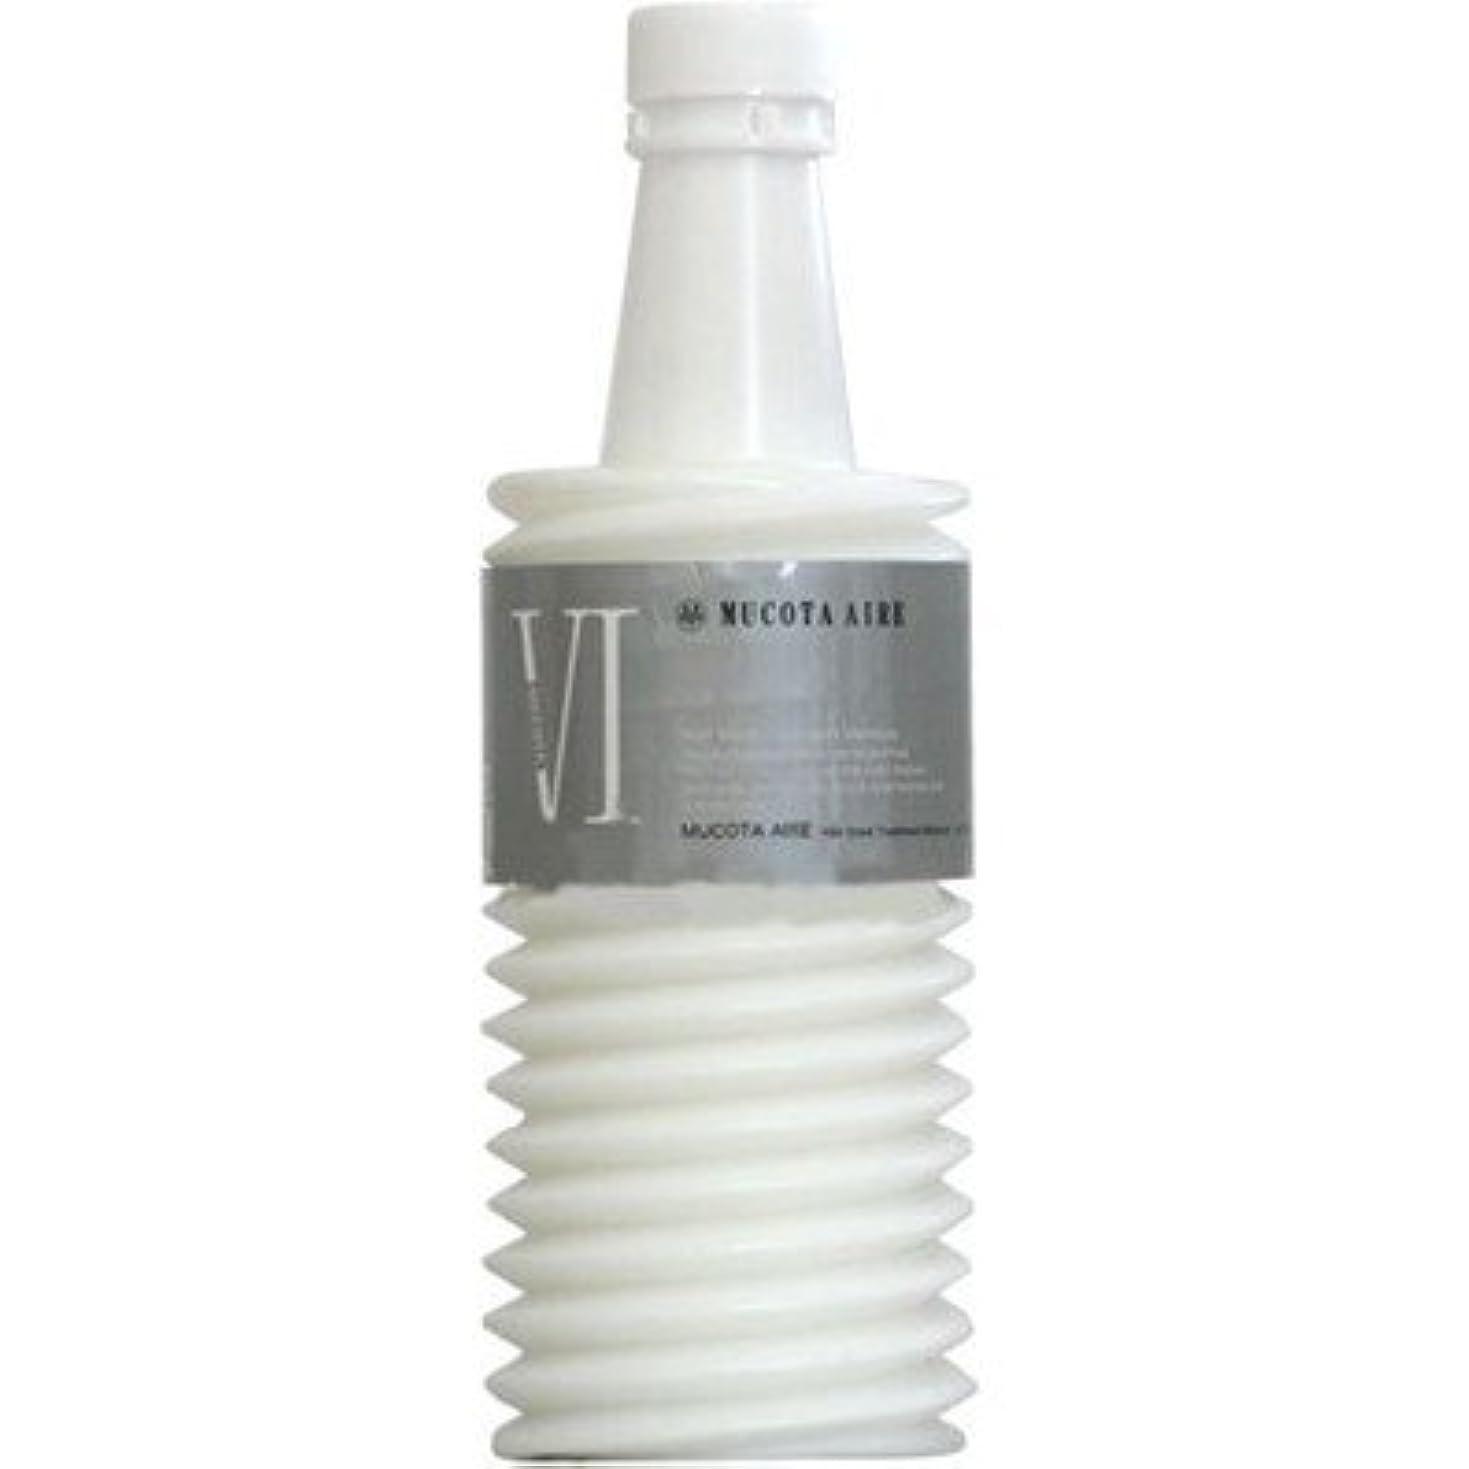 乳白減らす使用法ムコタ アデューラ アイレ06 ヘアマスクトリートメント モイスチャー 700g (レフィル)